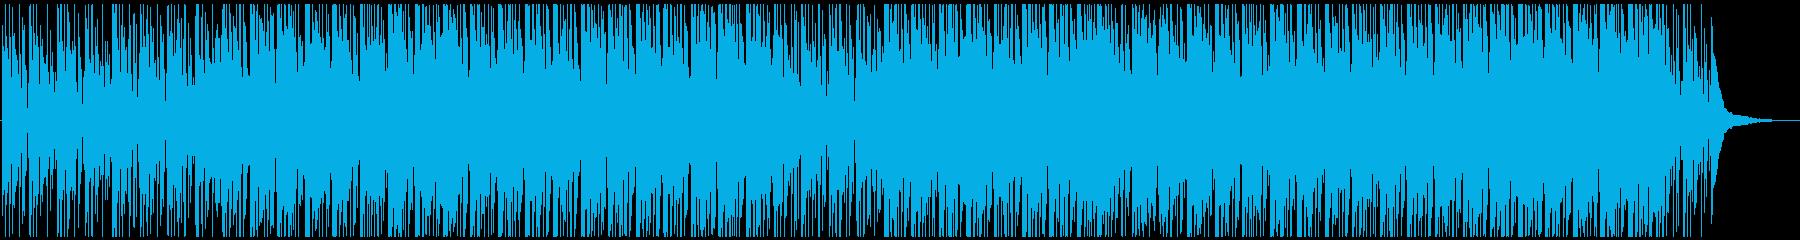 若々しい爽やか企業系明るくおしゃれ生音系の再生済みの波形